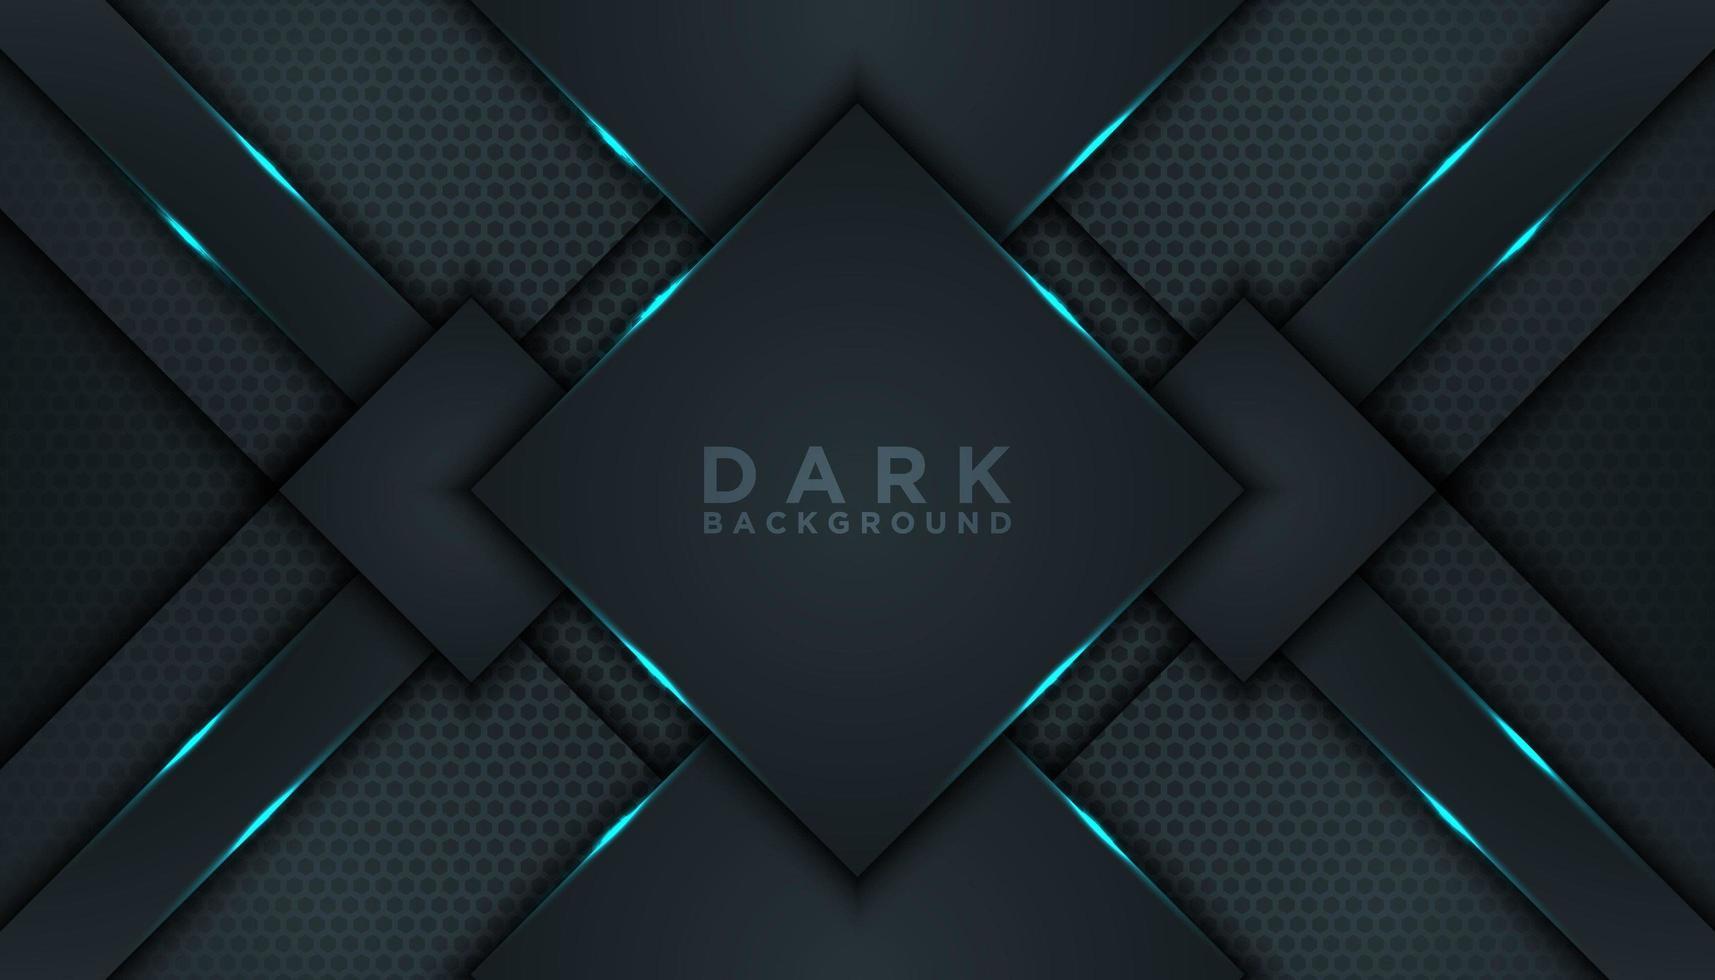 Fondo abstracto de forma de diamante negro vector